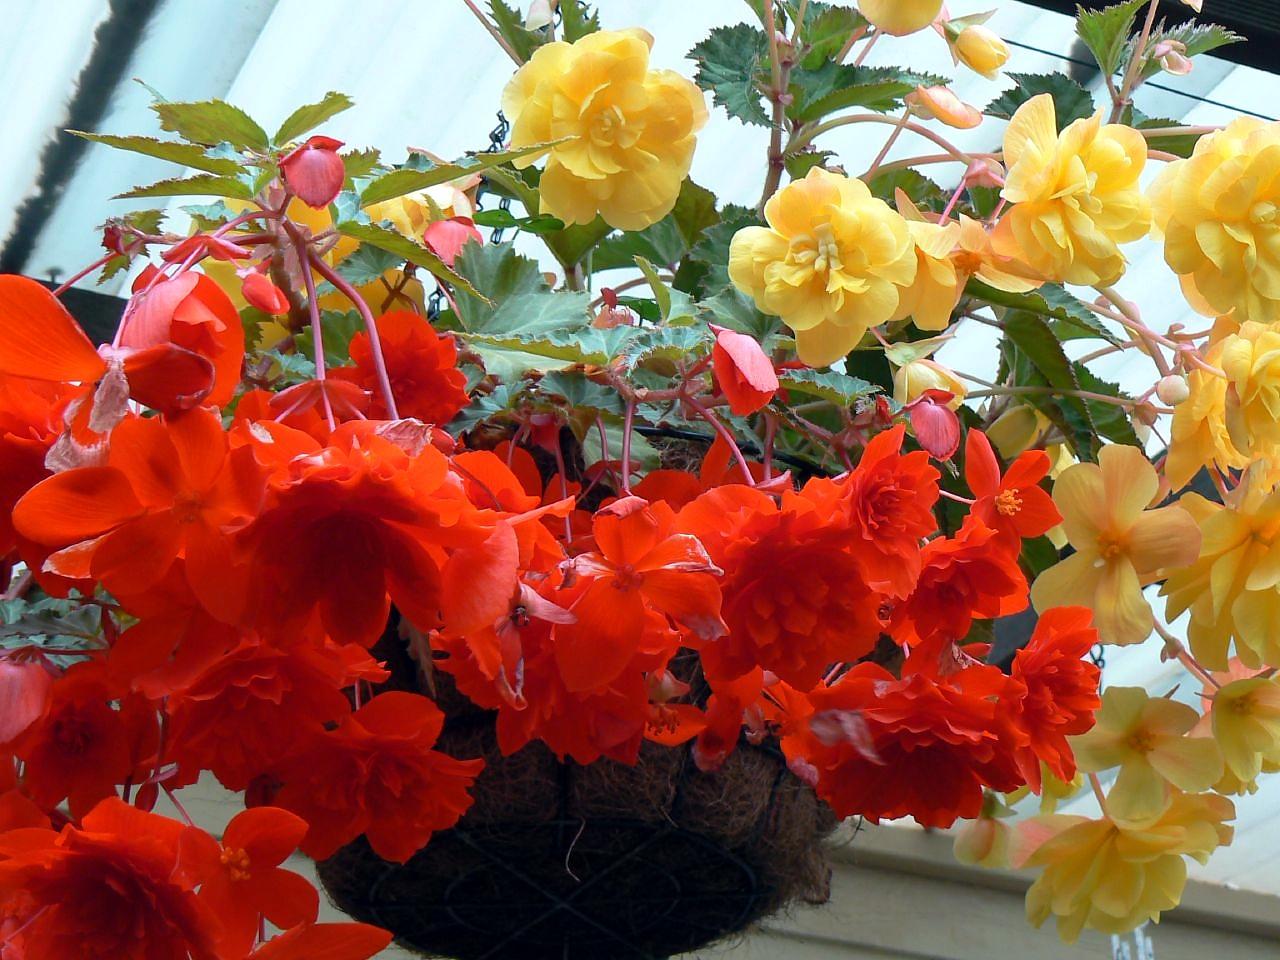 Бегония: описание цветка, уход за бегонией, размножение, выращивание бегонии, бегония фото.